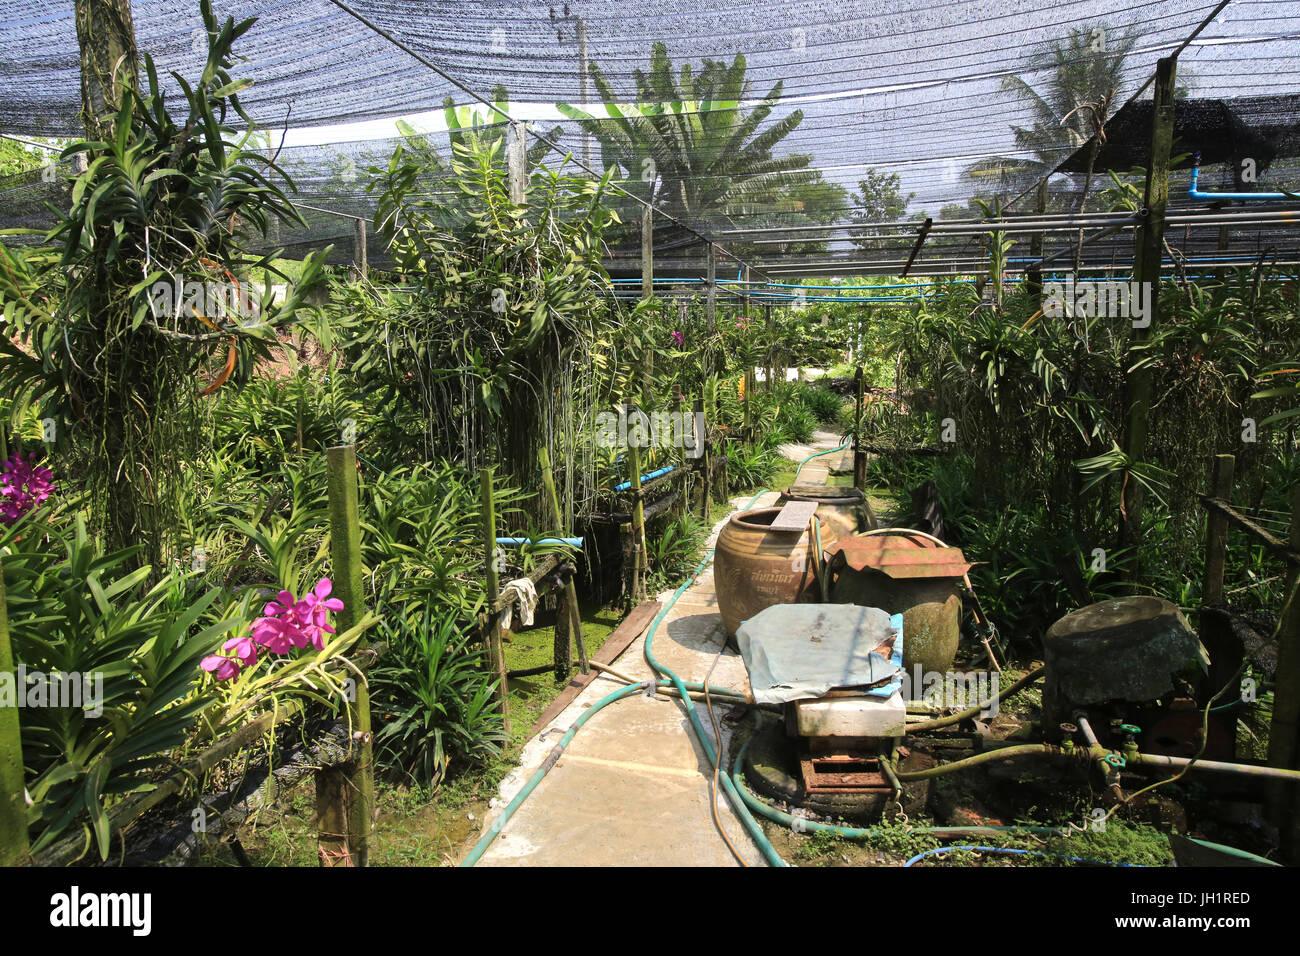 Cultivo y producción de orquídeas. Tailandia. Imagen De Stock